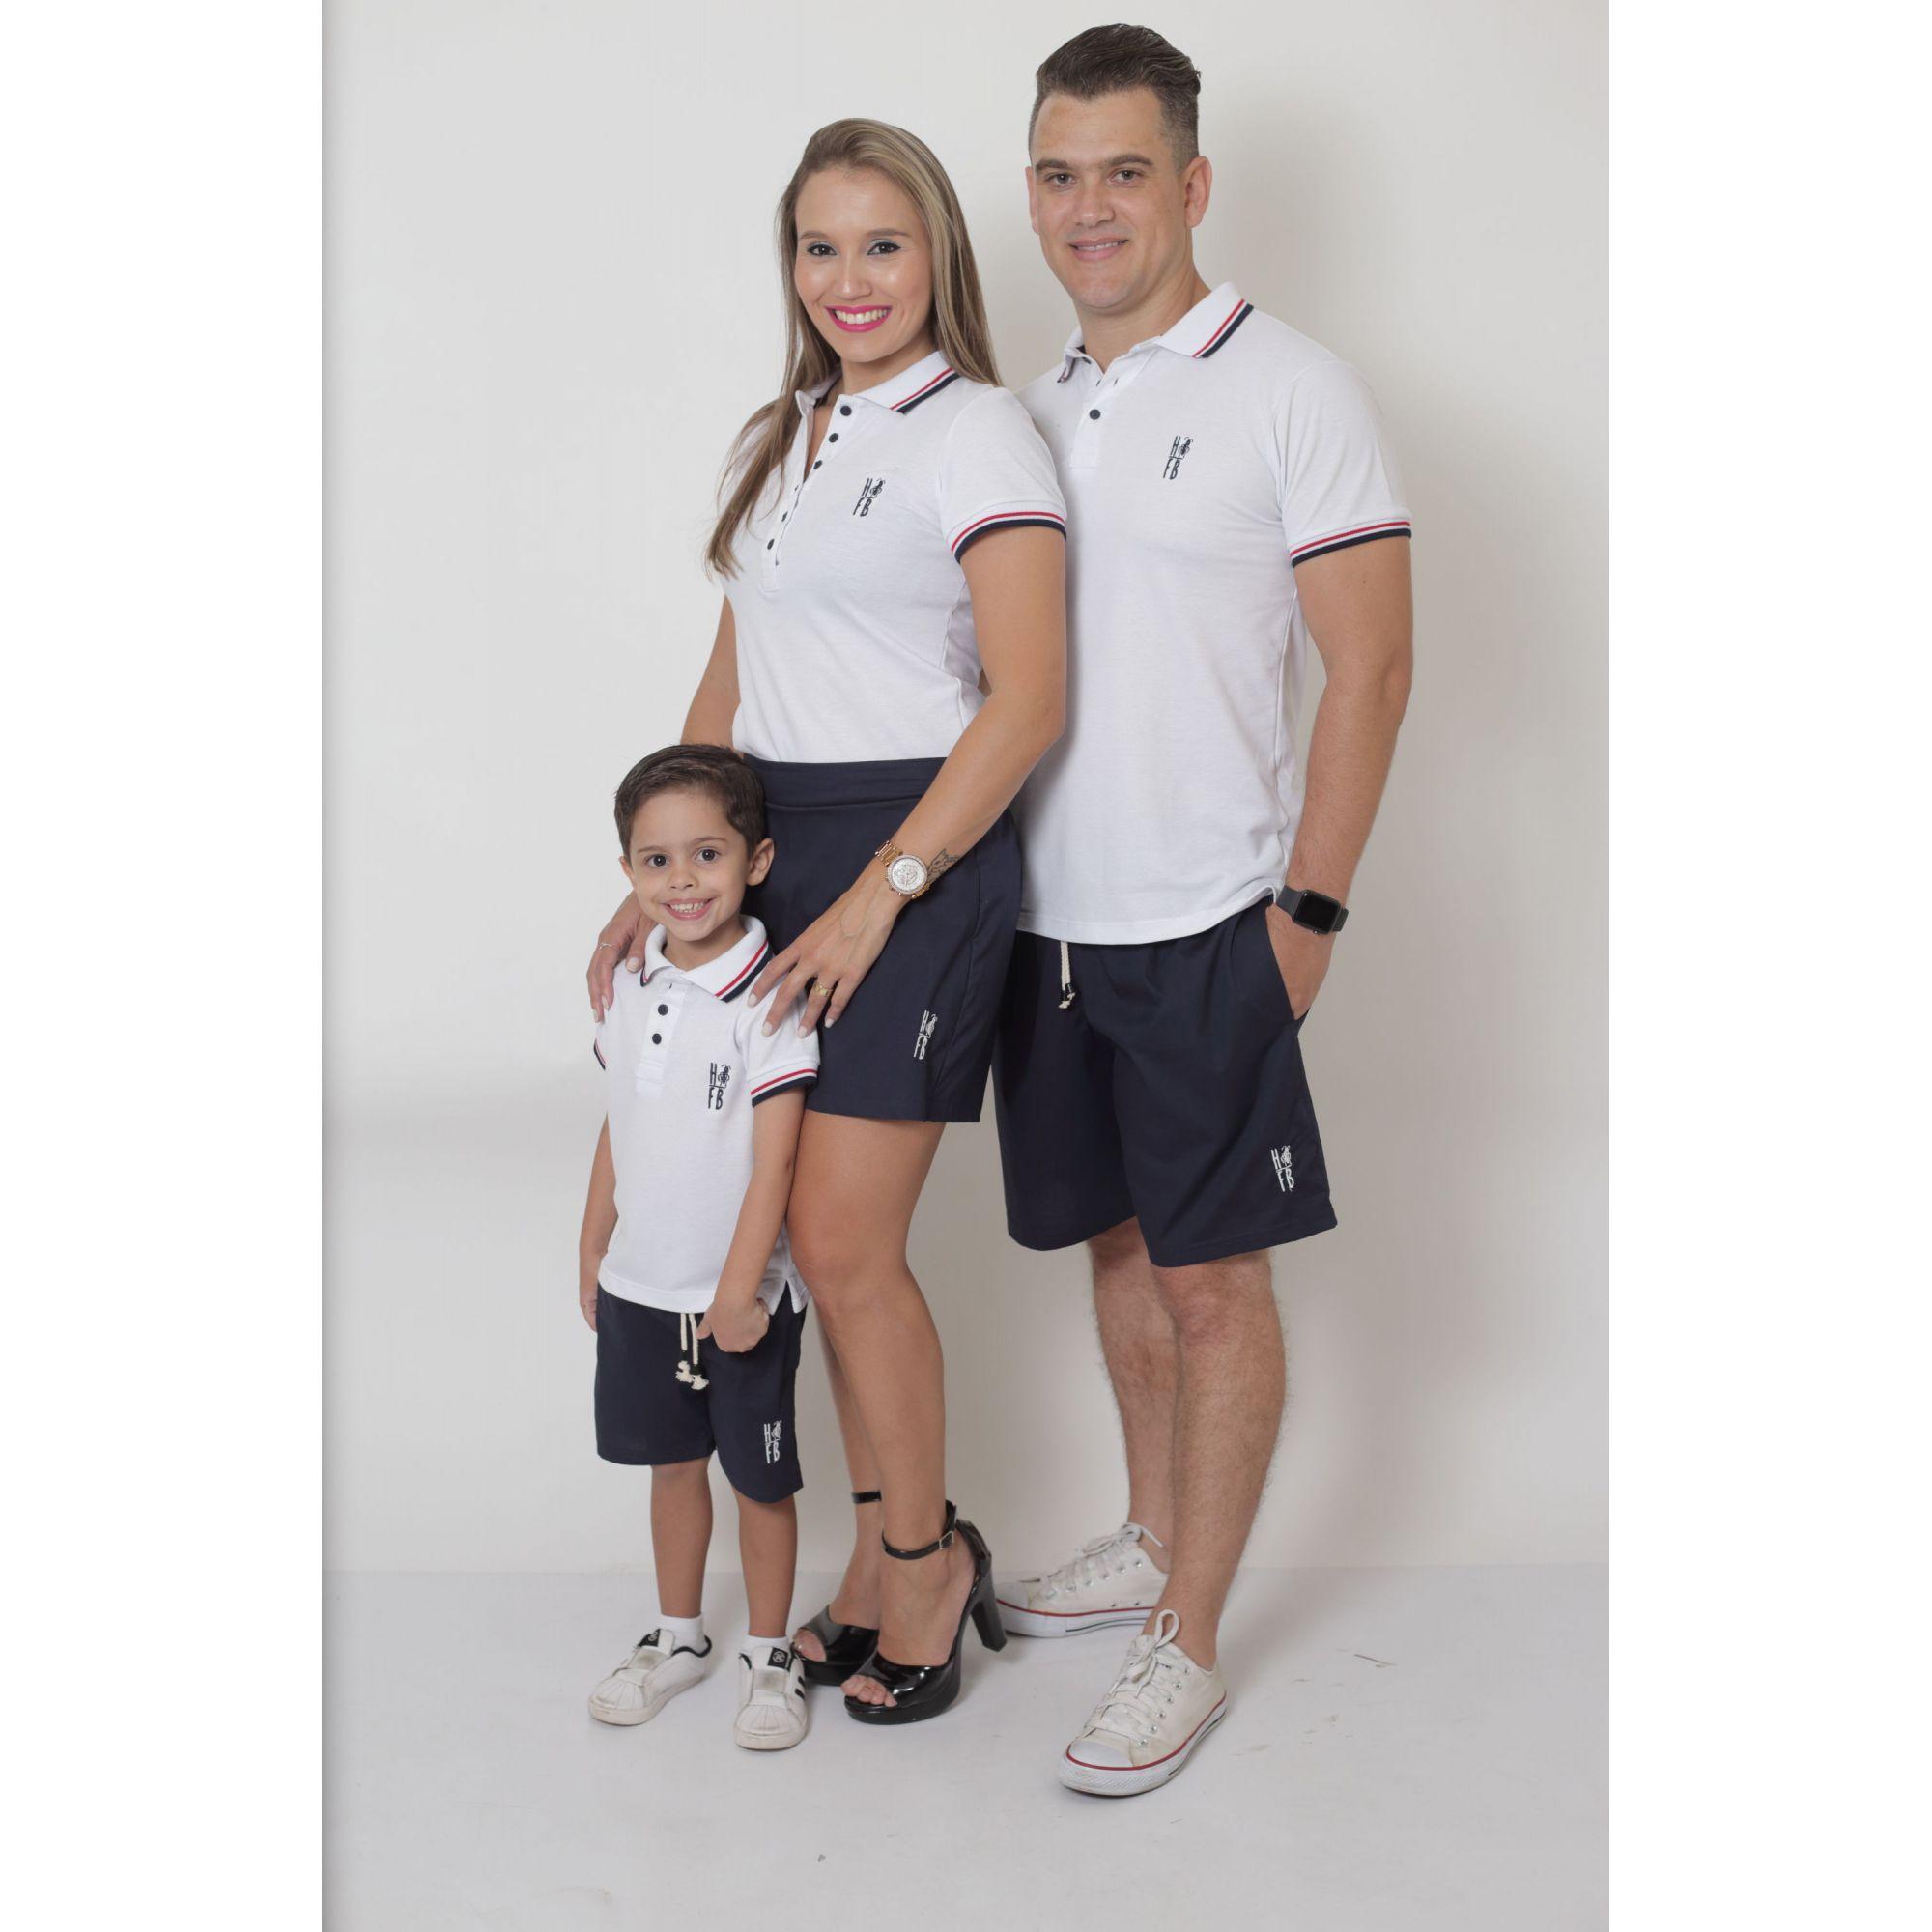 PAIS E FILHOS > Kit - Short Saia + Bermuda Adulta + Bermuda Infantil - Azul Marinho [Coleção Família]